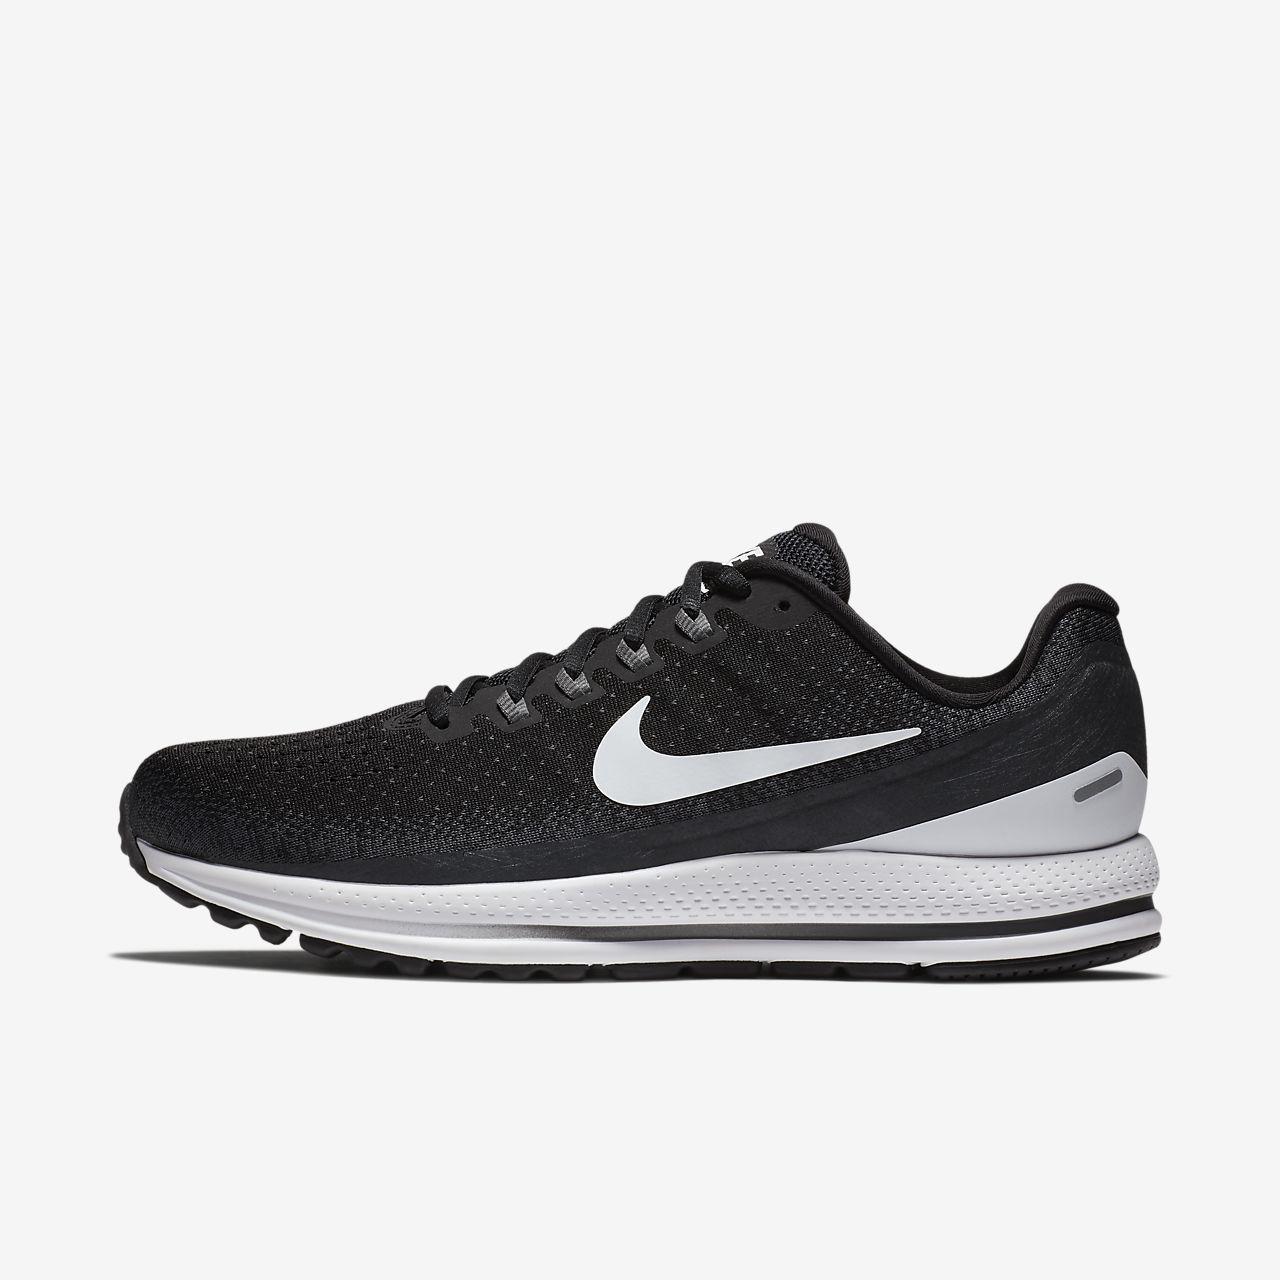 Calzado de Air running para hombre Nike Air de Zoom Vomero 13 (ancho). Nike 024de6